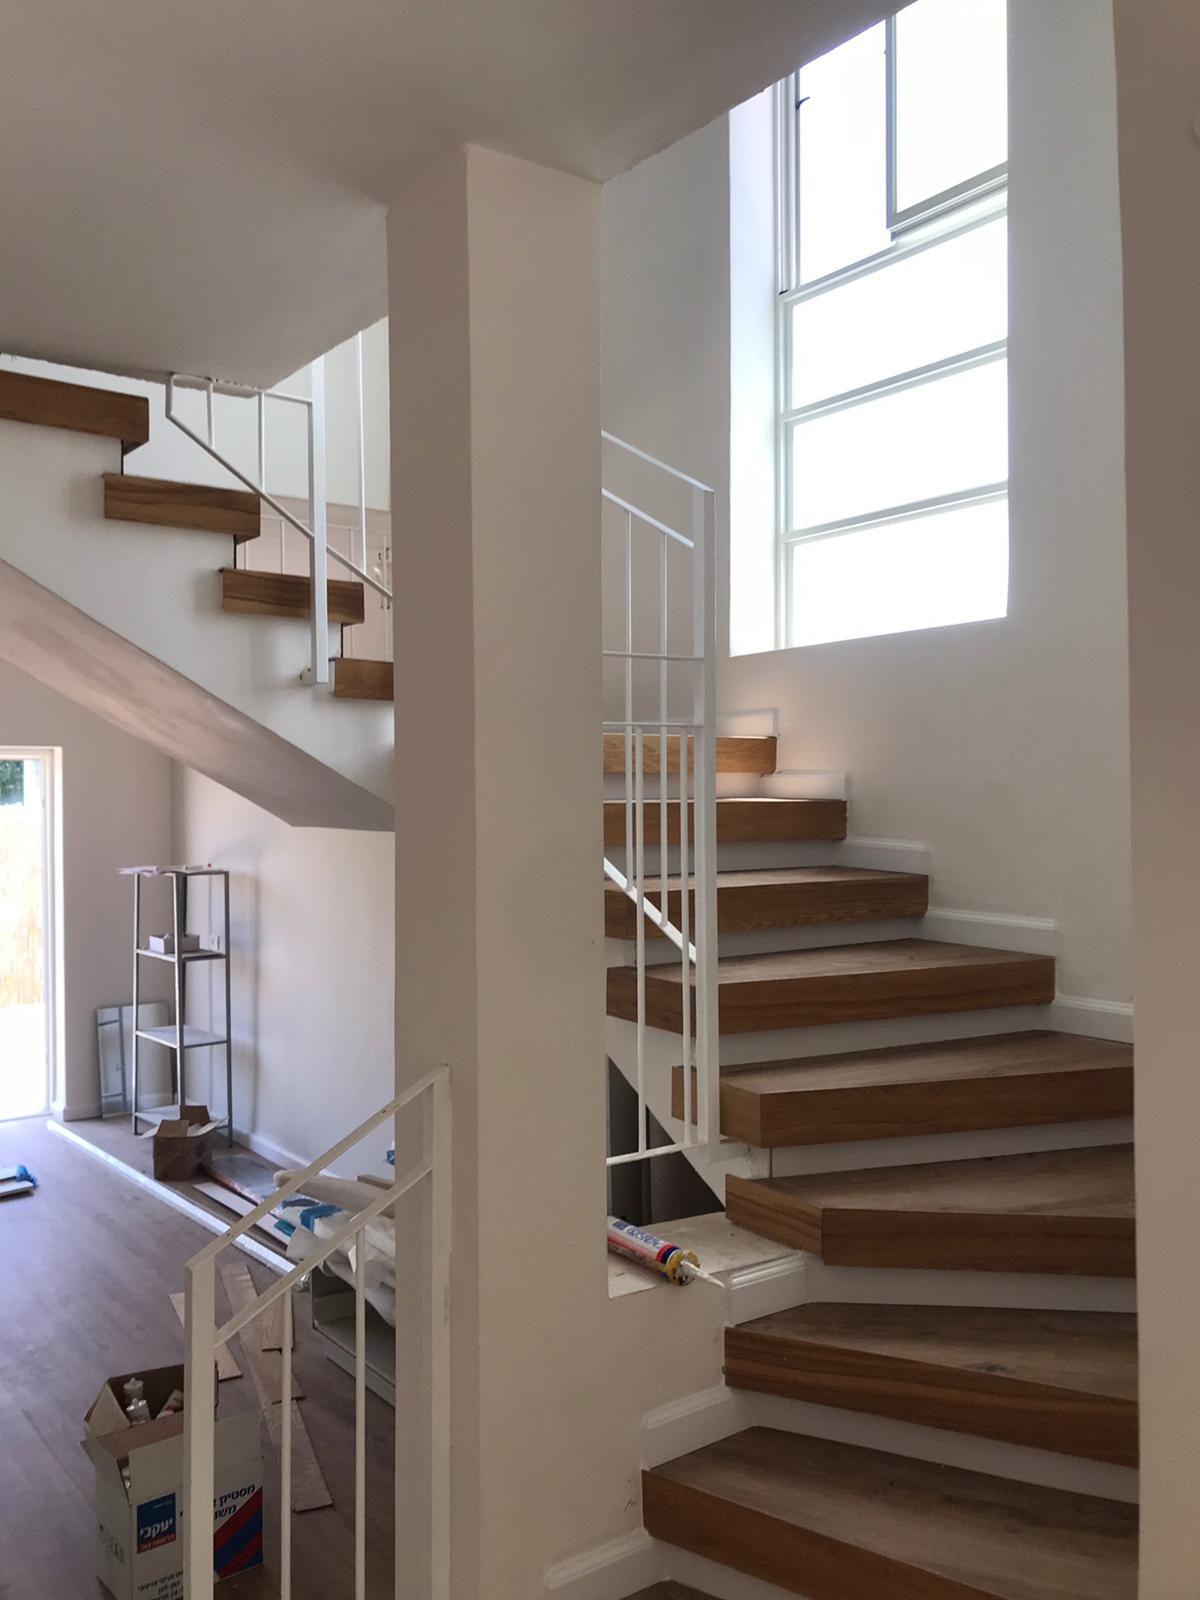 מדרגות עם מעקה לבן - חיפוי עם שילוב קנט עץ אלון.